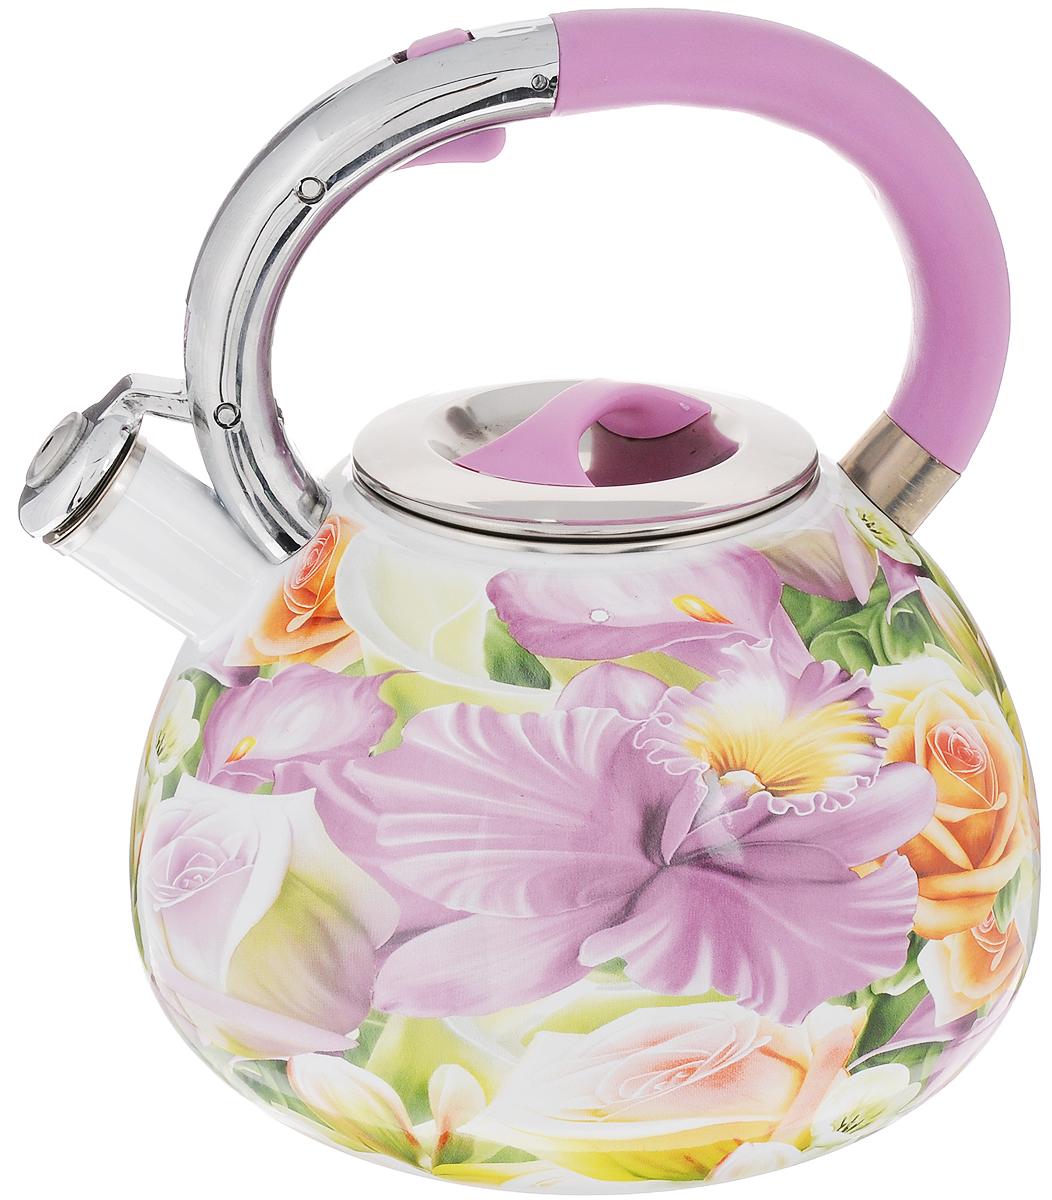 Чайник эмалированный Mayer & Boch, со свистком, 3,5 л. 2385423854Чайник со свистком Mayer & Boch изготовлен из высококачественной углеродистой стали. Корпус чайника имеет эмалированное покрытие с элегантным цветочным рисунком. Носик чайника оснащен откидным свистком, звуковой сигнал которого подскажет, когда закипит вода. Это освободит вас от непрерывного наблюдения за чайником. Свисток приподнимается с помощью специального механизма на ручке чайника. Эргономичная ручка выполнена из пластика. Подходит для всех видов плит, включая индукционные. Изделие можно мыть в посудомоечной машине. Высота чайника (без учета ручки и крышки): 14,5 см. Высота чайника (с учетом ручки и крышки): 23,5 см. Диаметр основания чайника: 19 см. Диаметр чайника (по верхнему краю): 10,5 см.